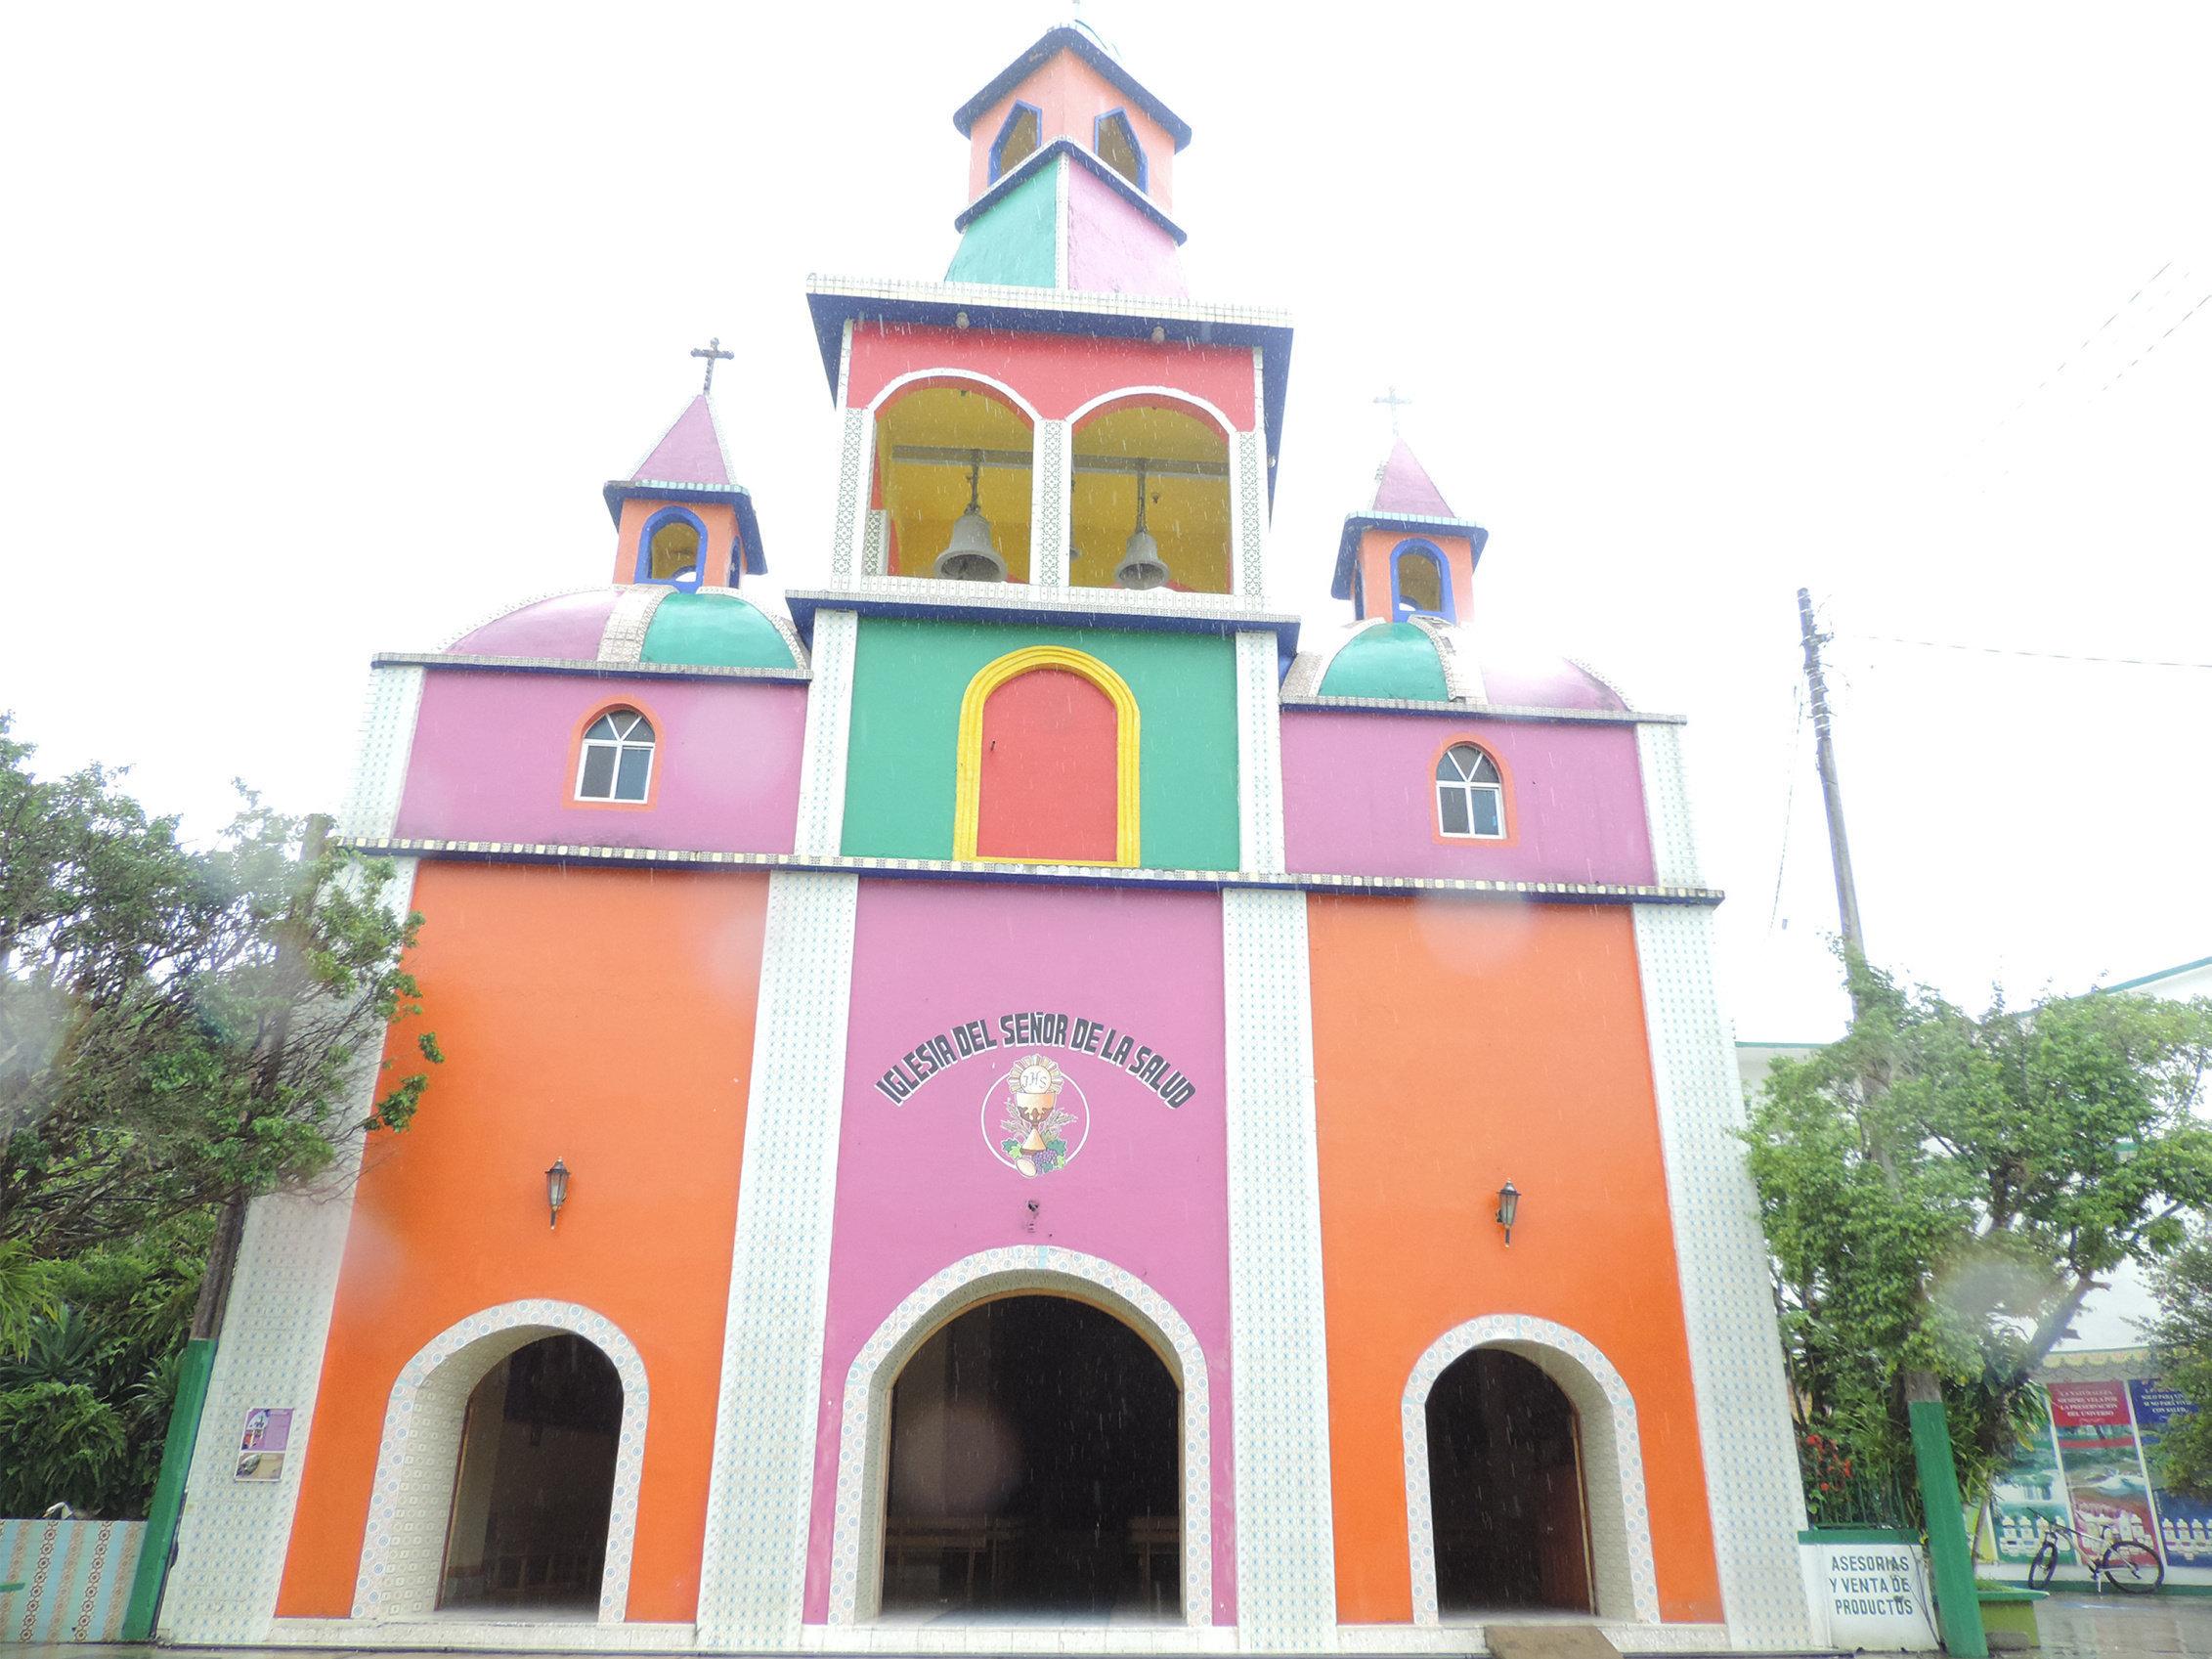 Iglesia del Señor de la Salud del Catillo de la Salud Beto Ramón en México